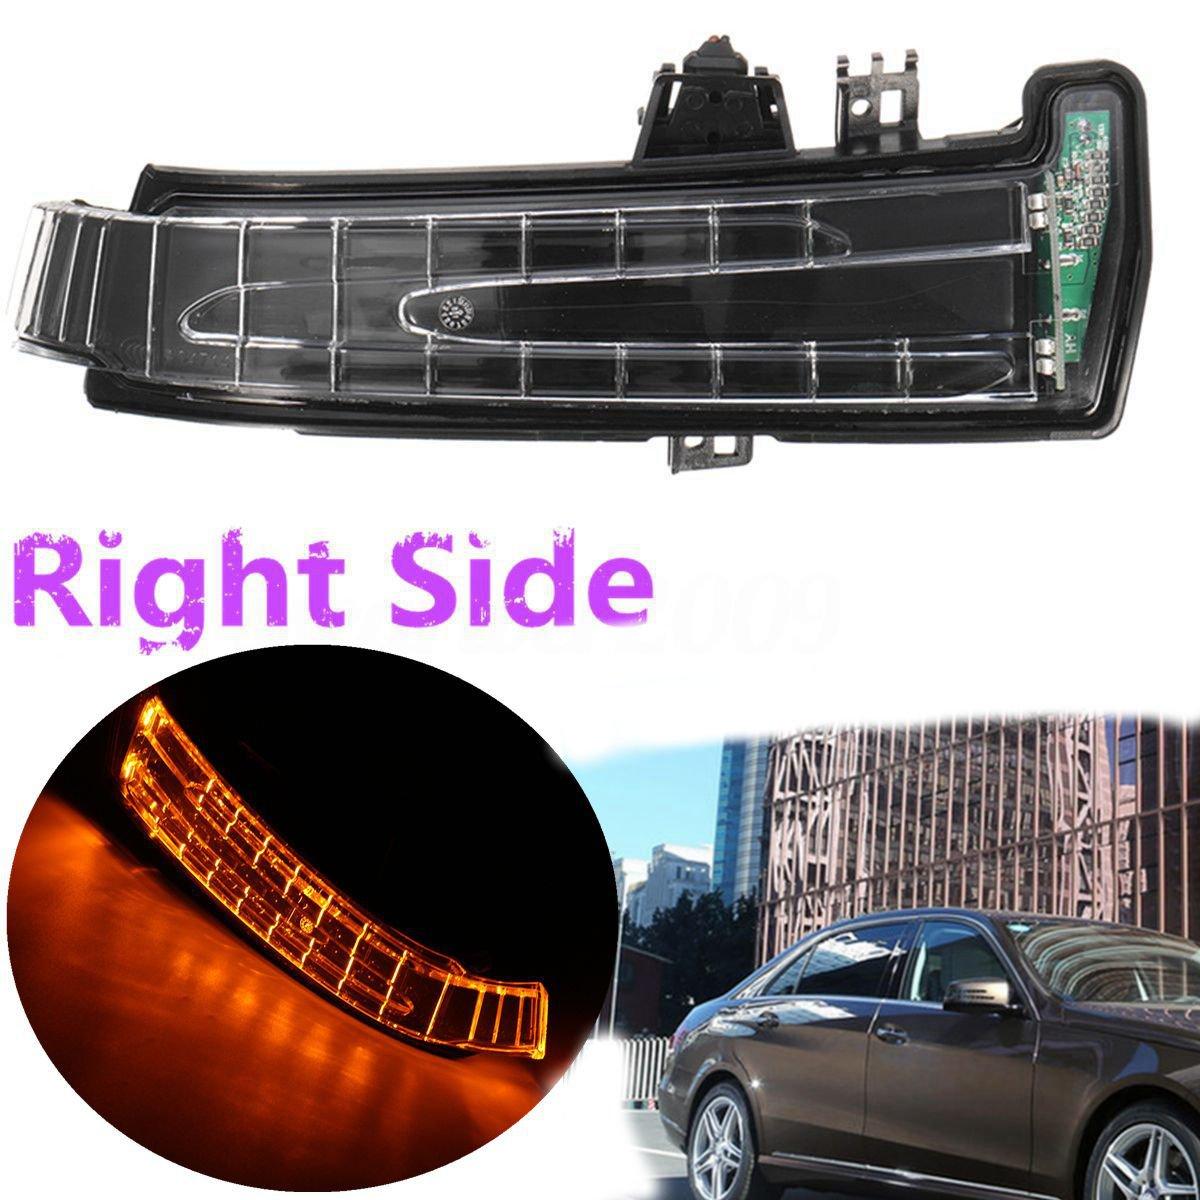 Yuk derecho para W204 W212 W221 W176 W246 X204 W218 LED luz señal de giro lateral espejo marcador lente amarillo luz